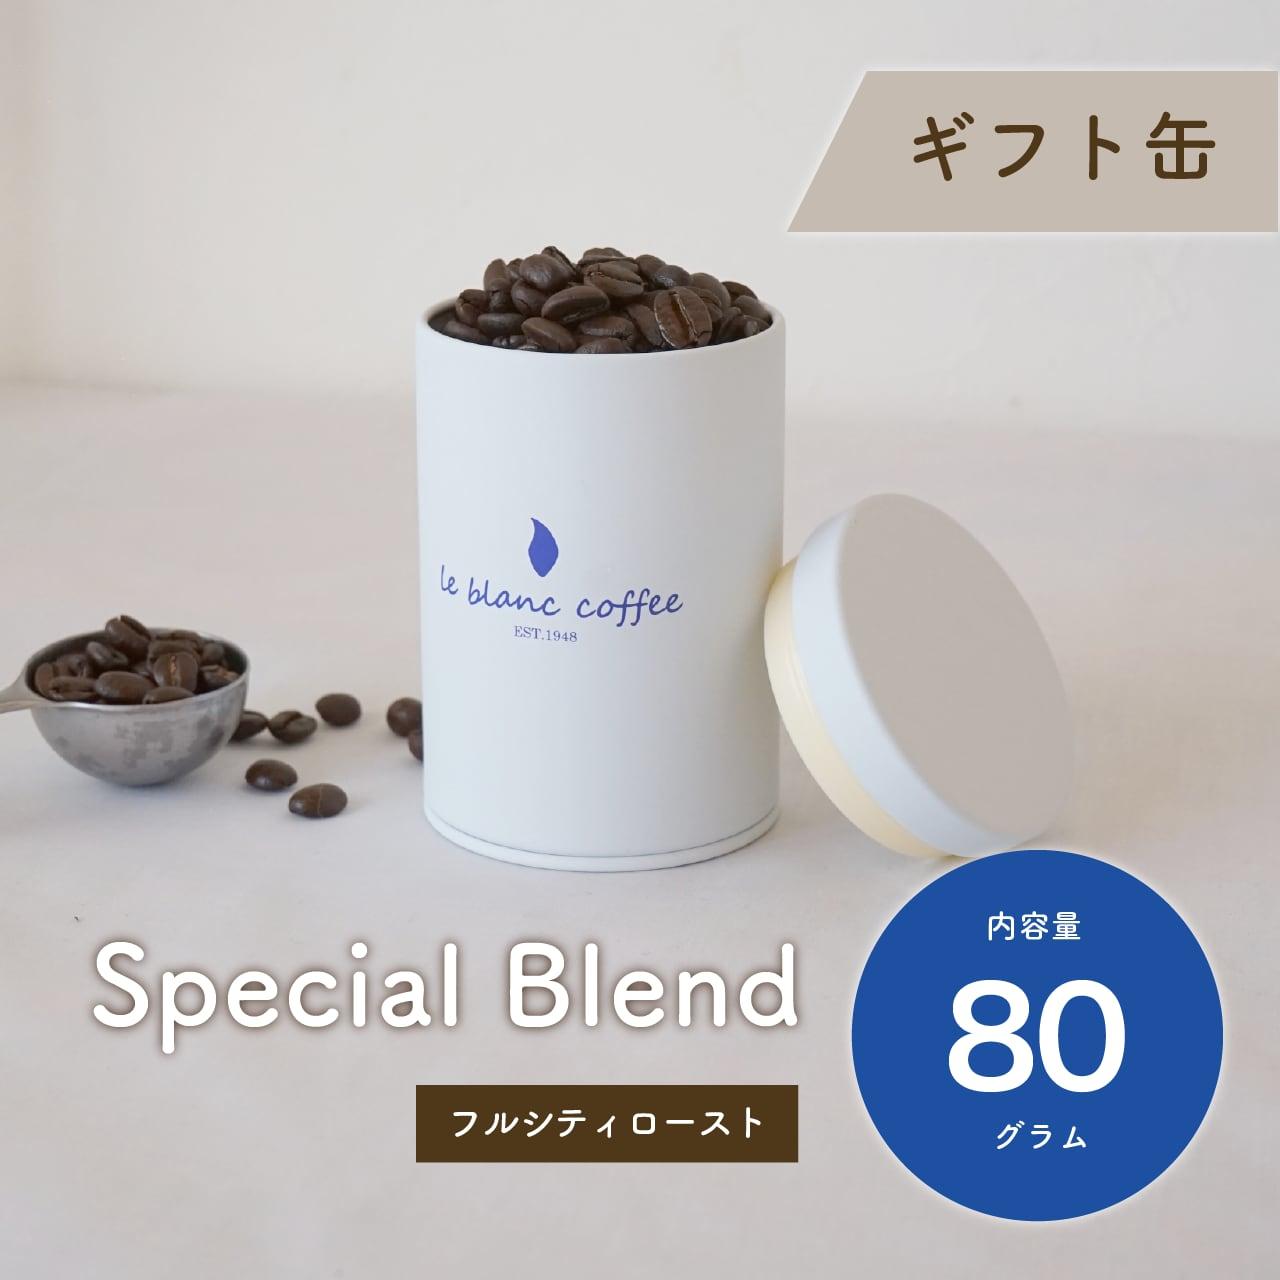 コーヒーギフト缶(ルブランスペシャルブレンド80g)